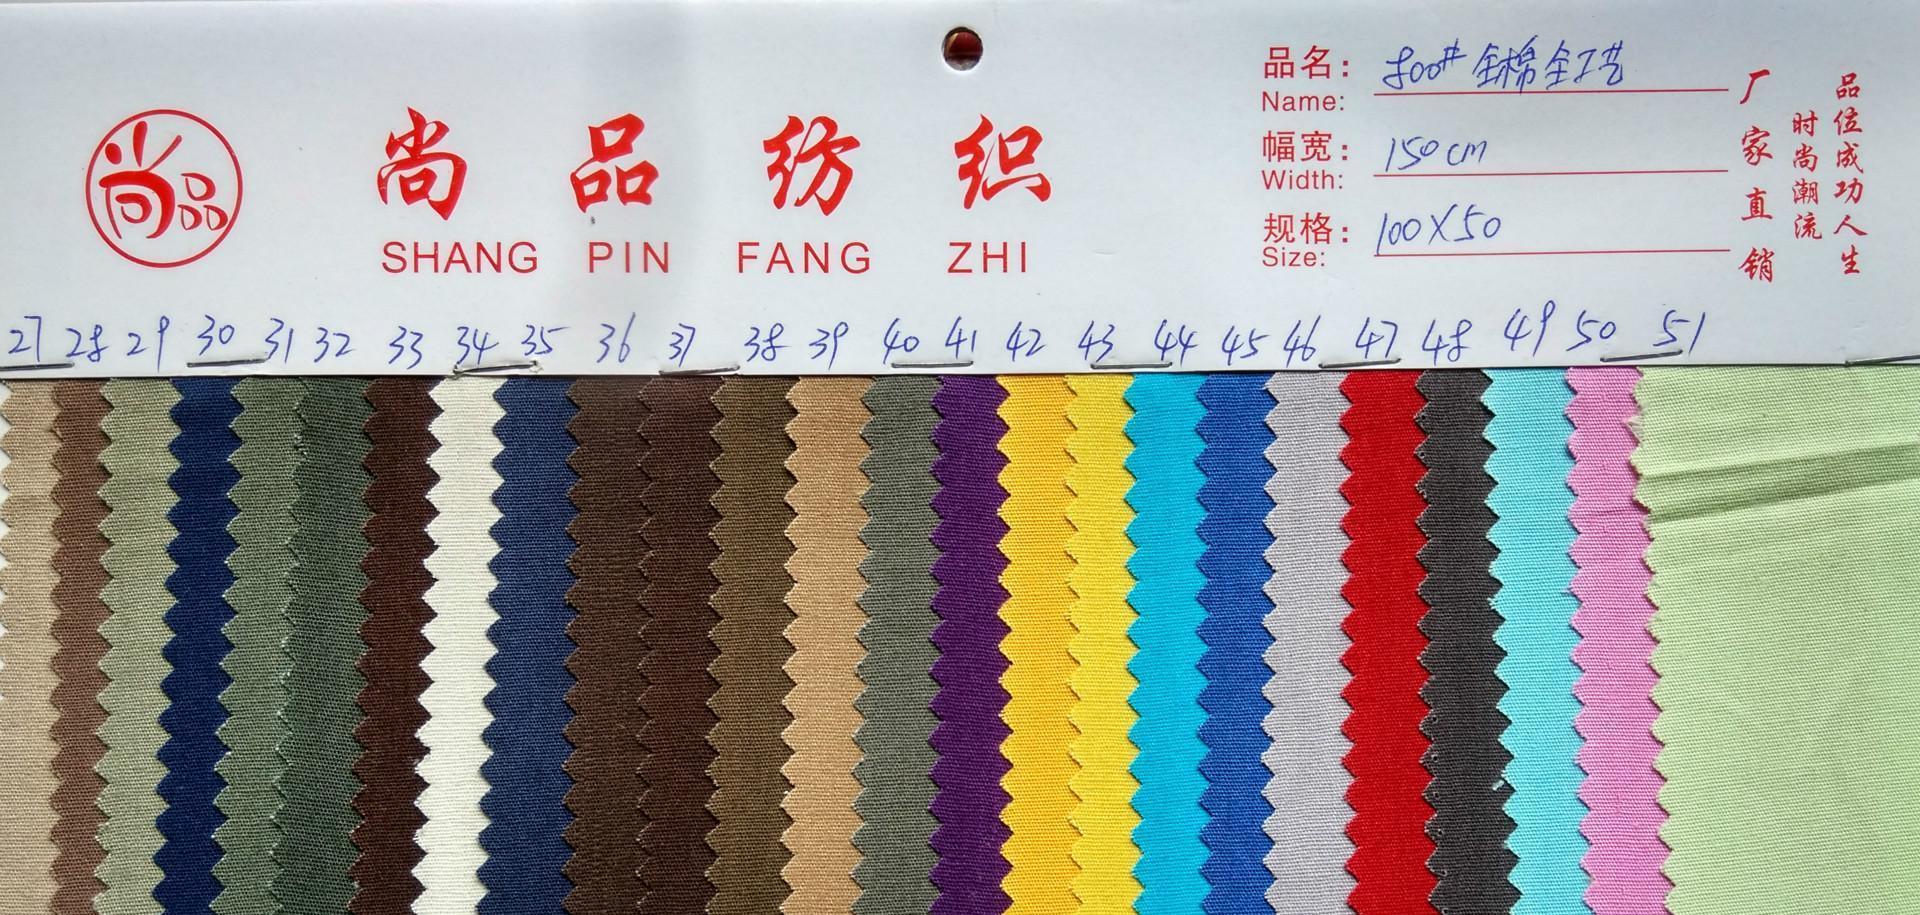 全棉6安珠帆平纹布 纯棉10050细珠帆全工艺服装用布示例图2